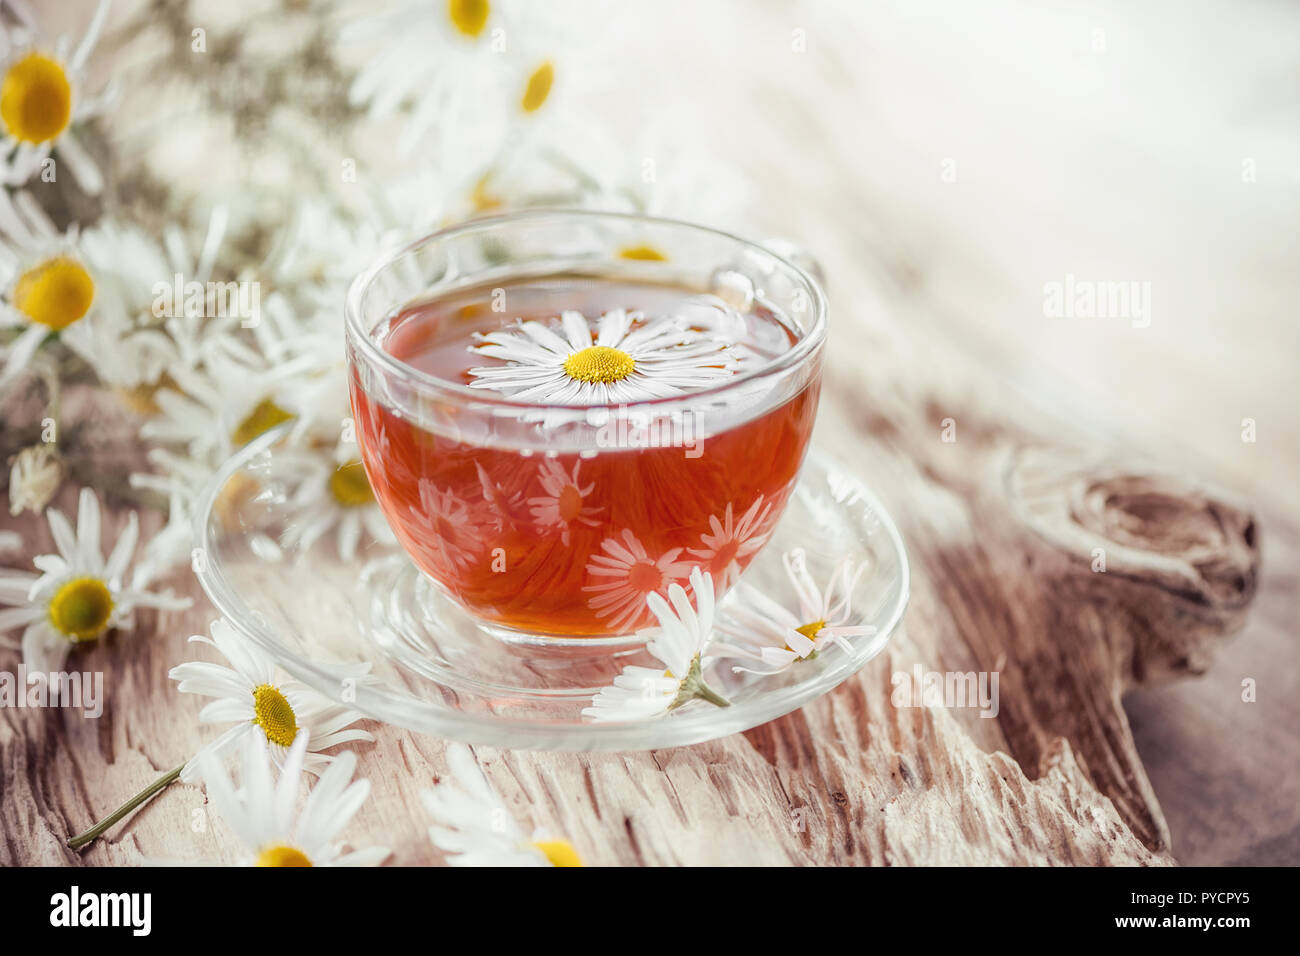 Une bonne tasse de thé à la camomille médicinale sur une vieille table en bois. Santé et mode de vie sain concept. Photo Stock